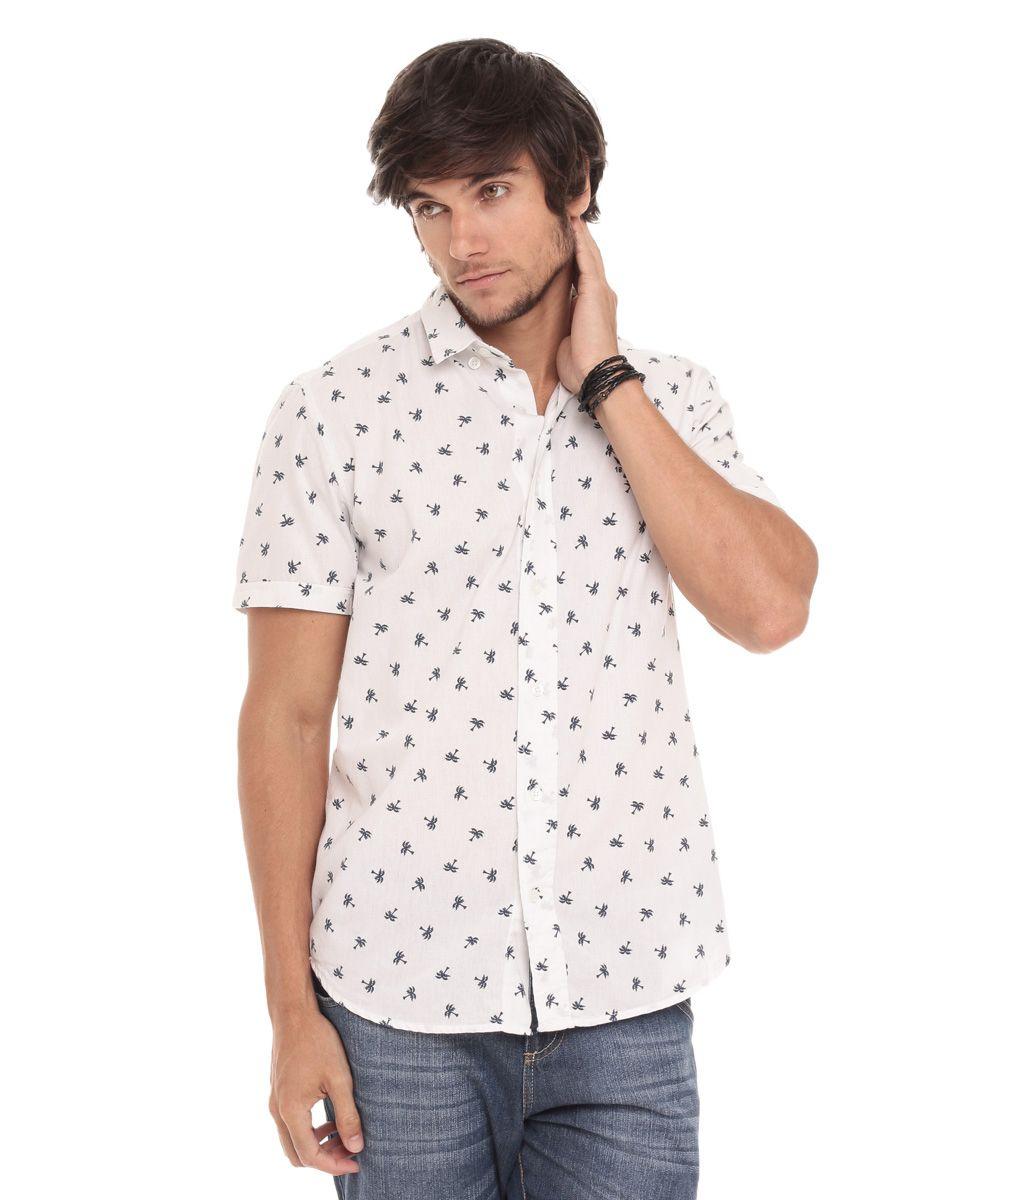 1ece7946d Camisa Masculina com Estampa de Coqueiros - Lojas Renner | Camisas ...